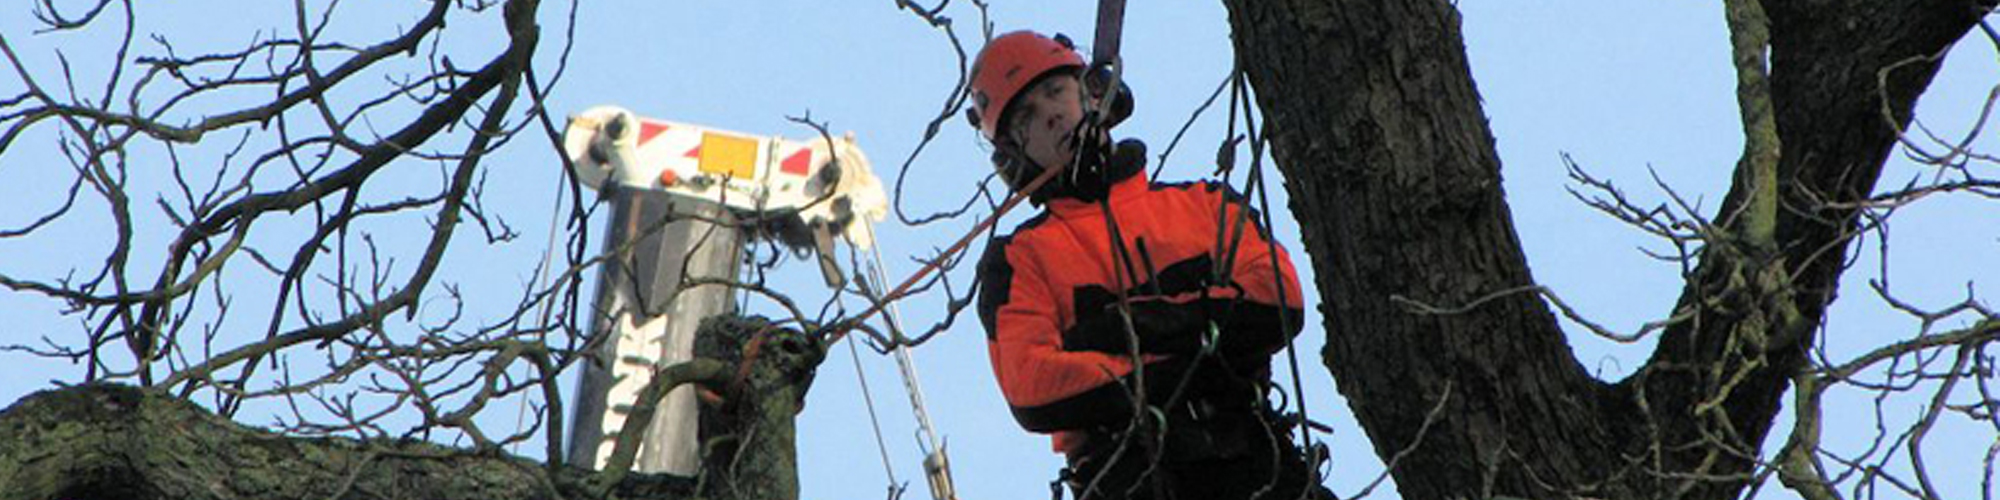 Maarten-stam-boomspecialisatie